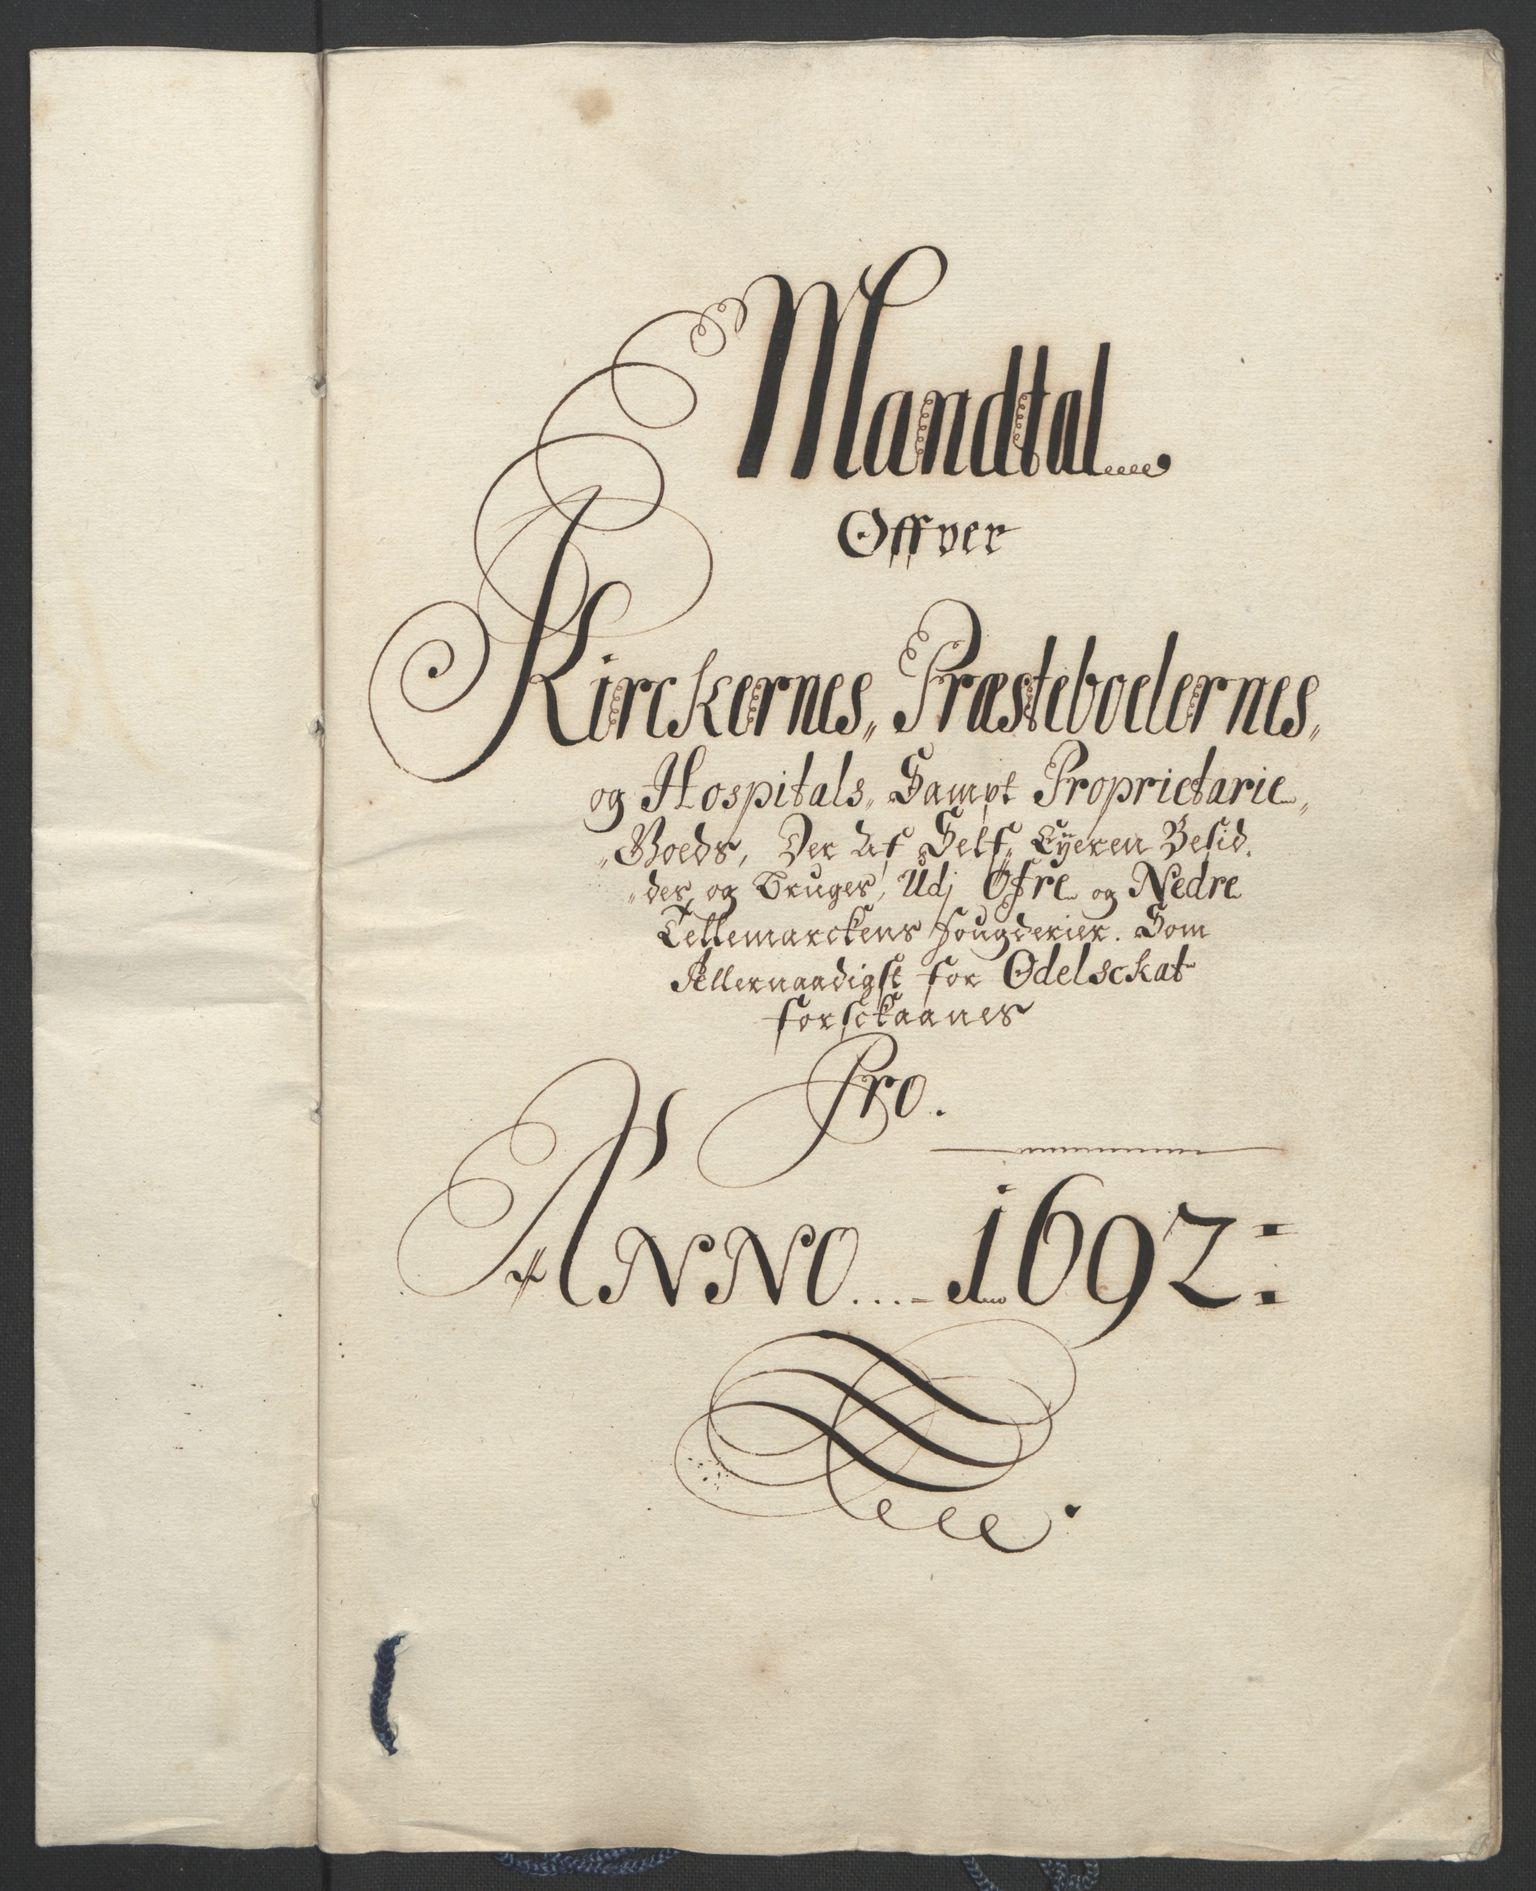 RA, Rentekammeret inntil 1814, Reviderte regnskaper, Fogderegnskap, R35/L2091: Fogderegnskap Øvre og Nedre Telemark, 1690-1693, s. 178